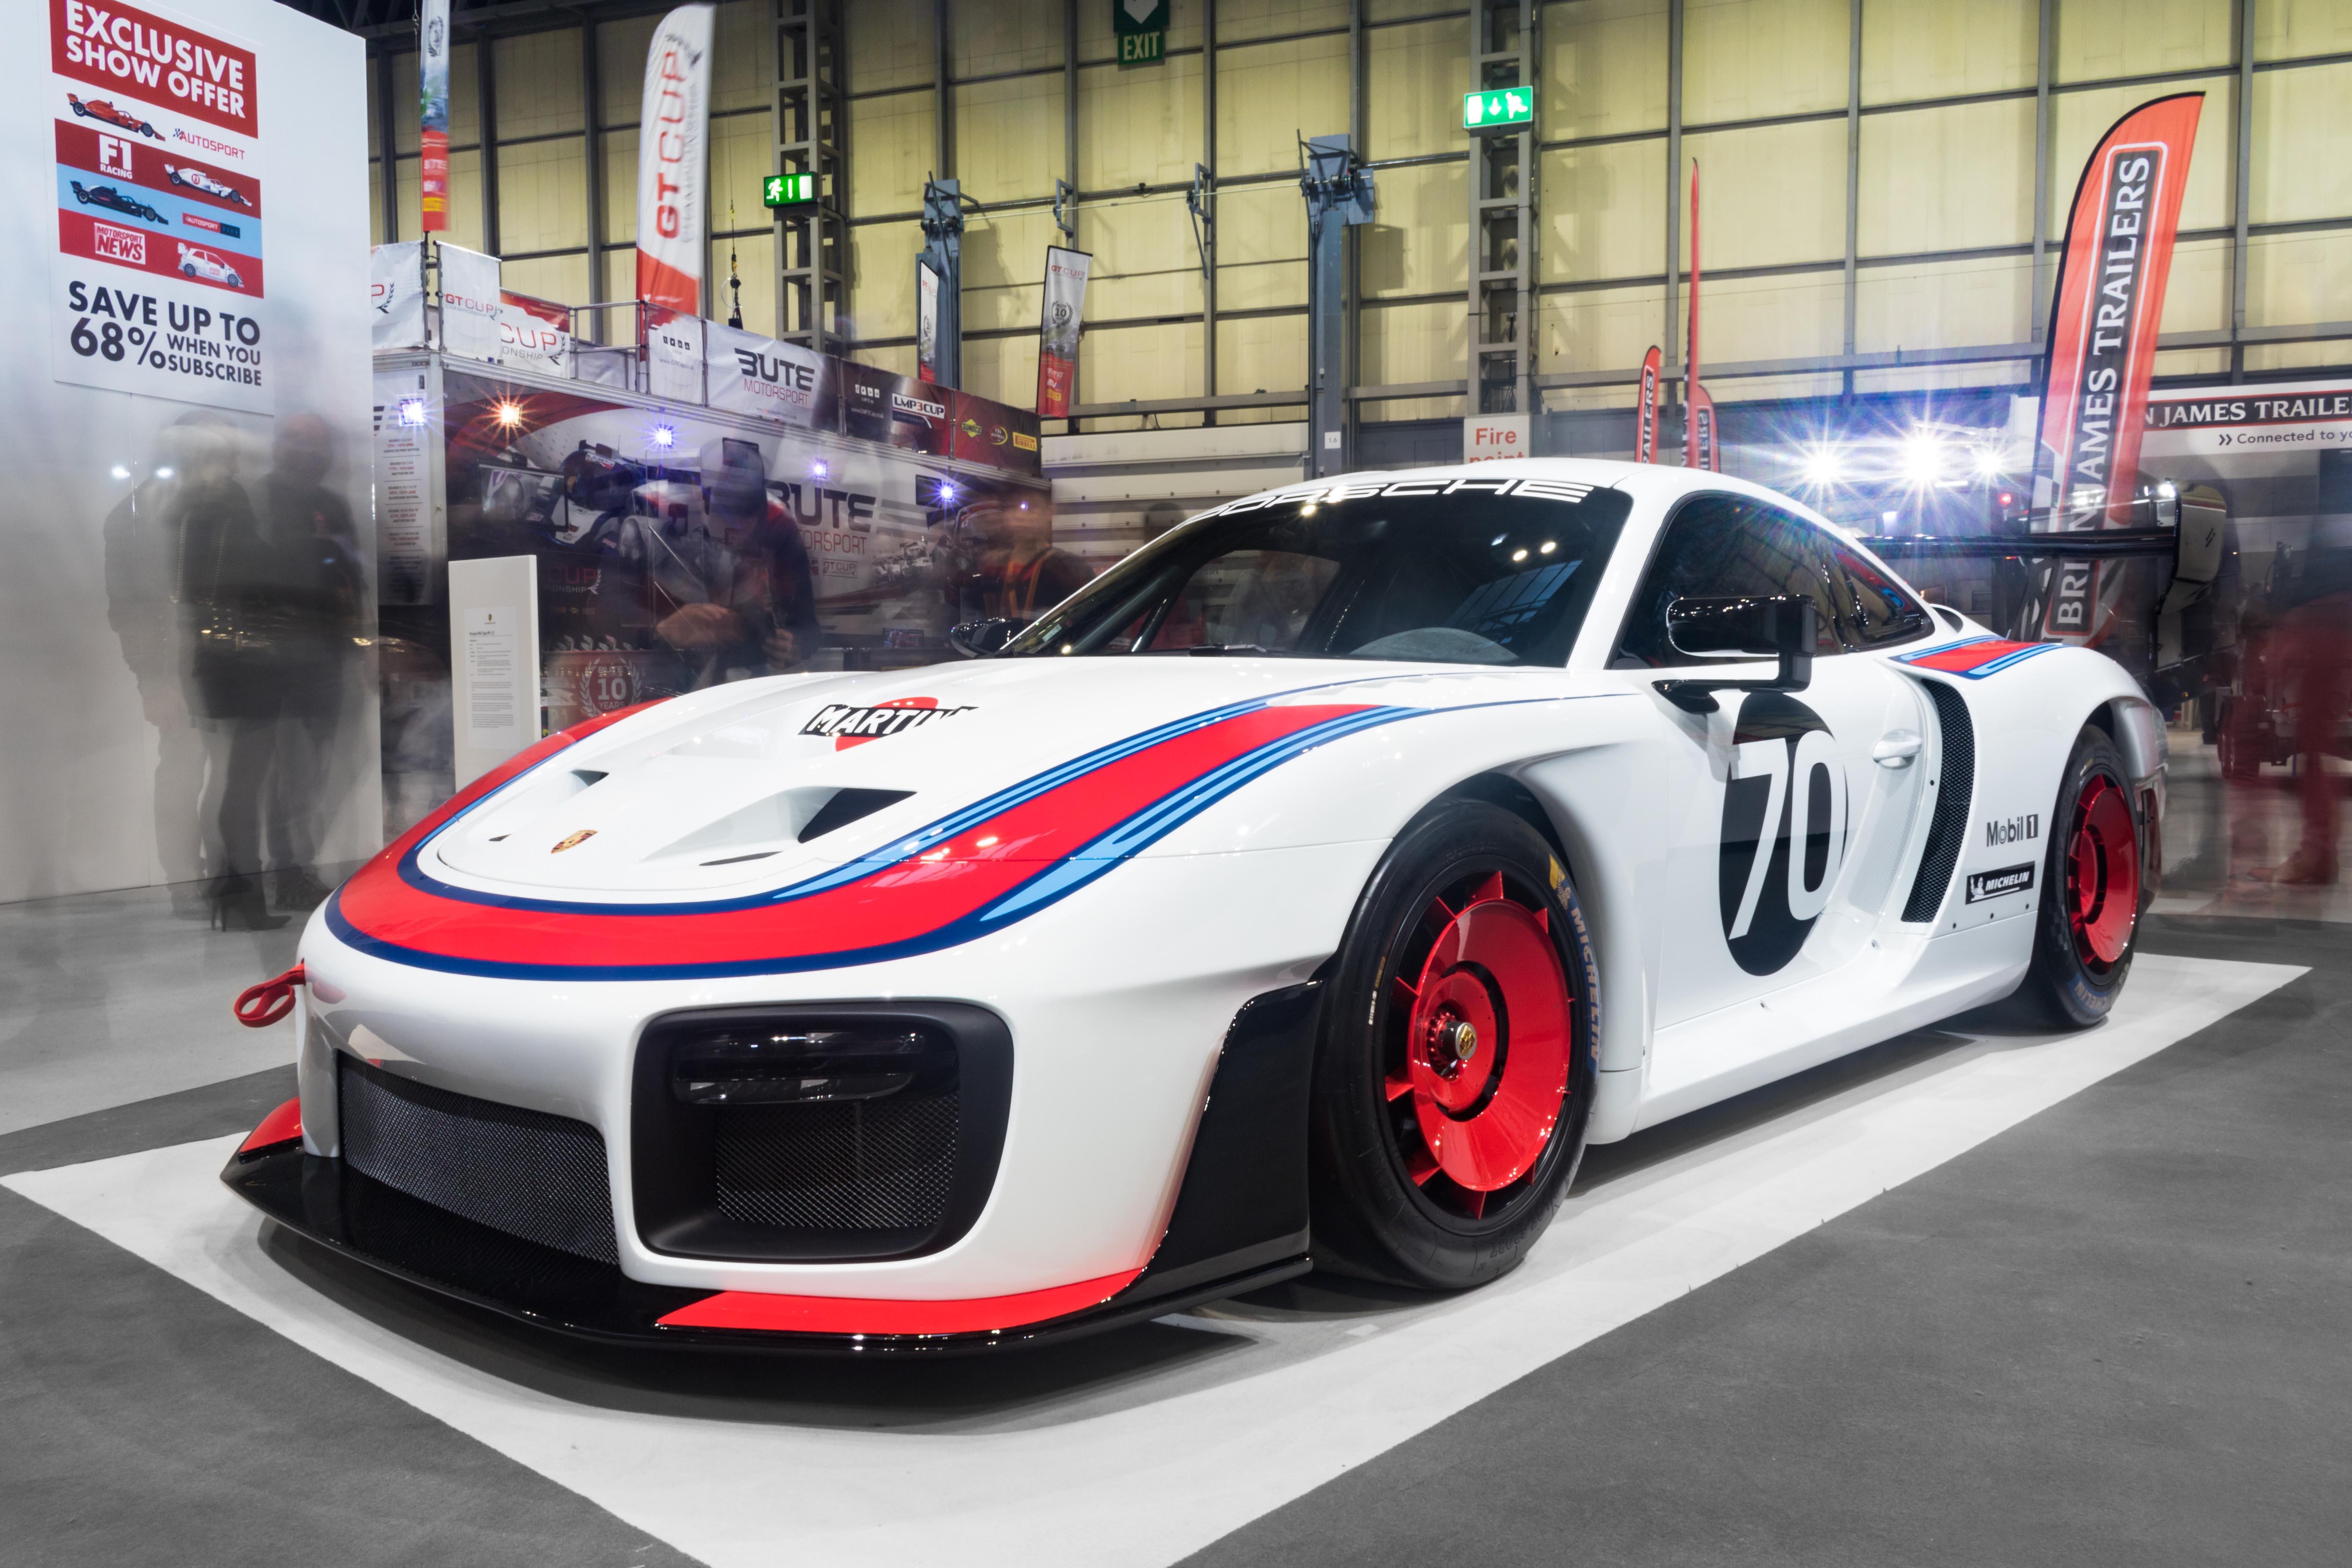 Porsche935.jpg (1.49 MB)